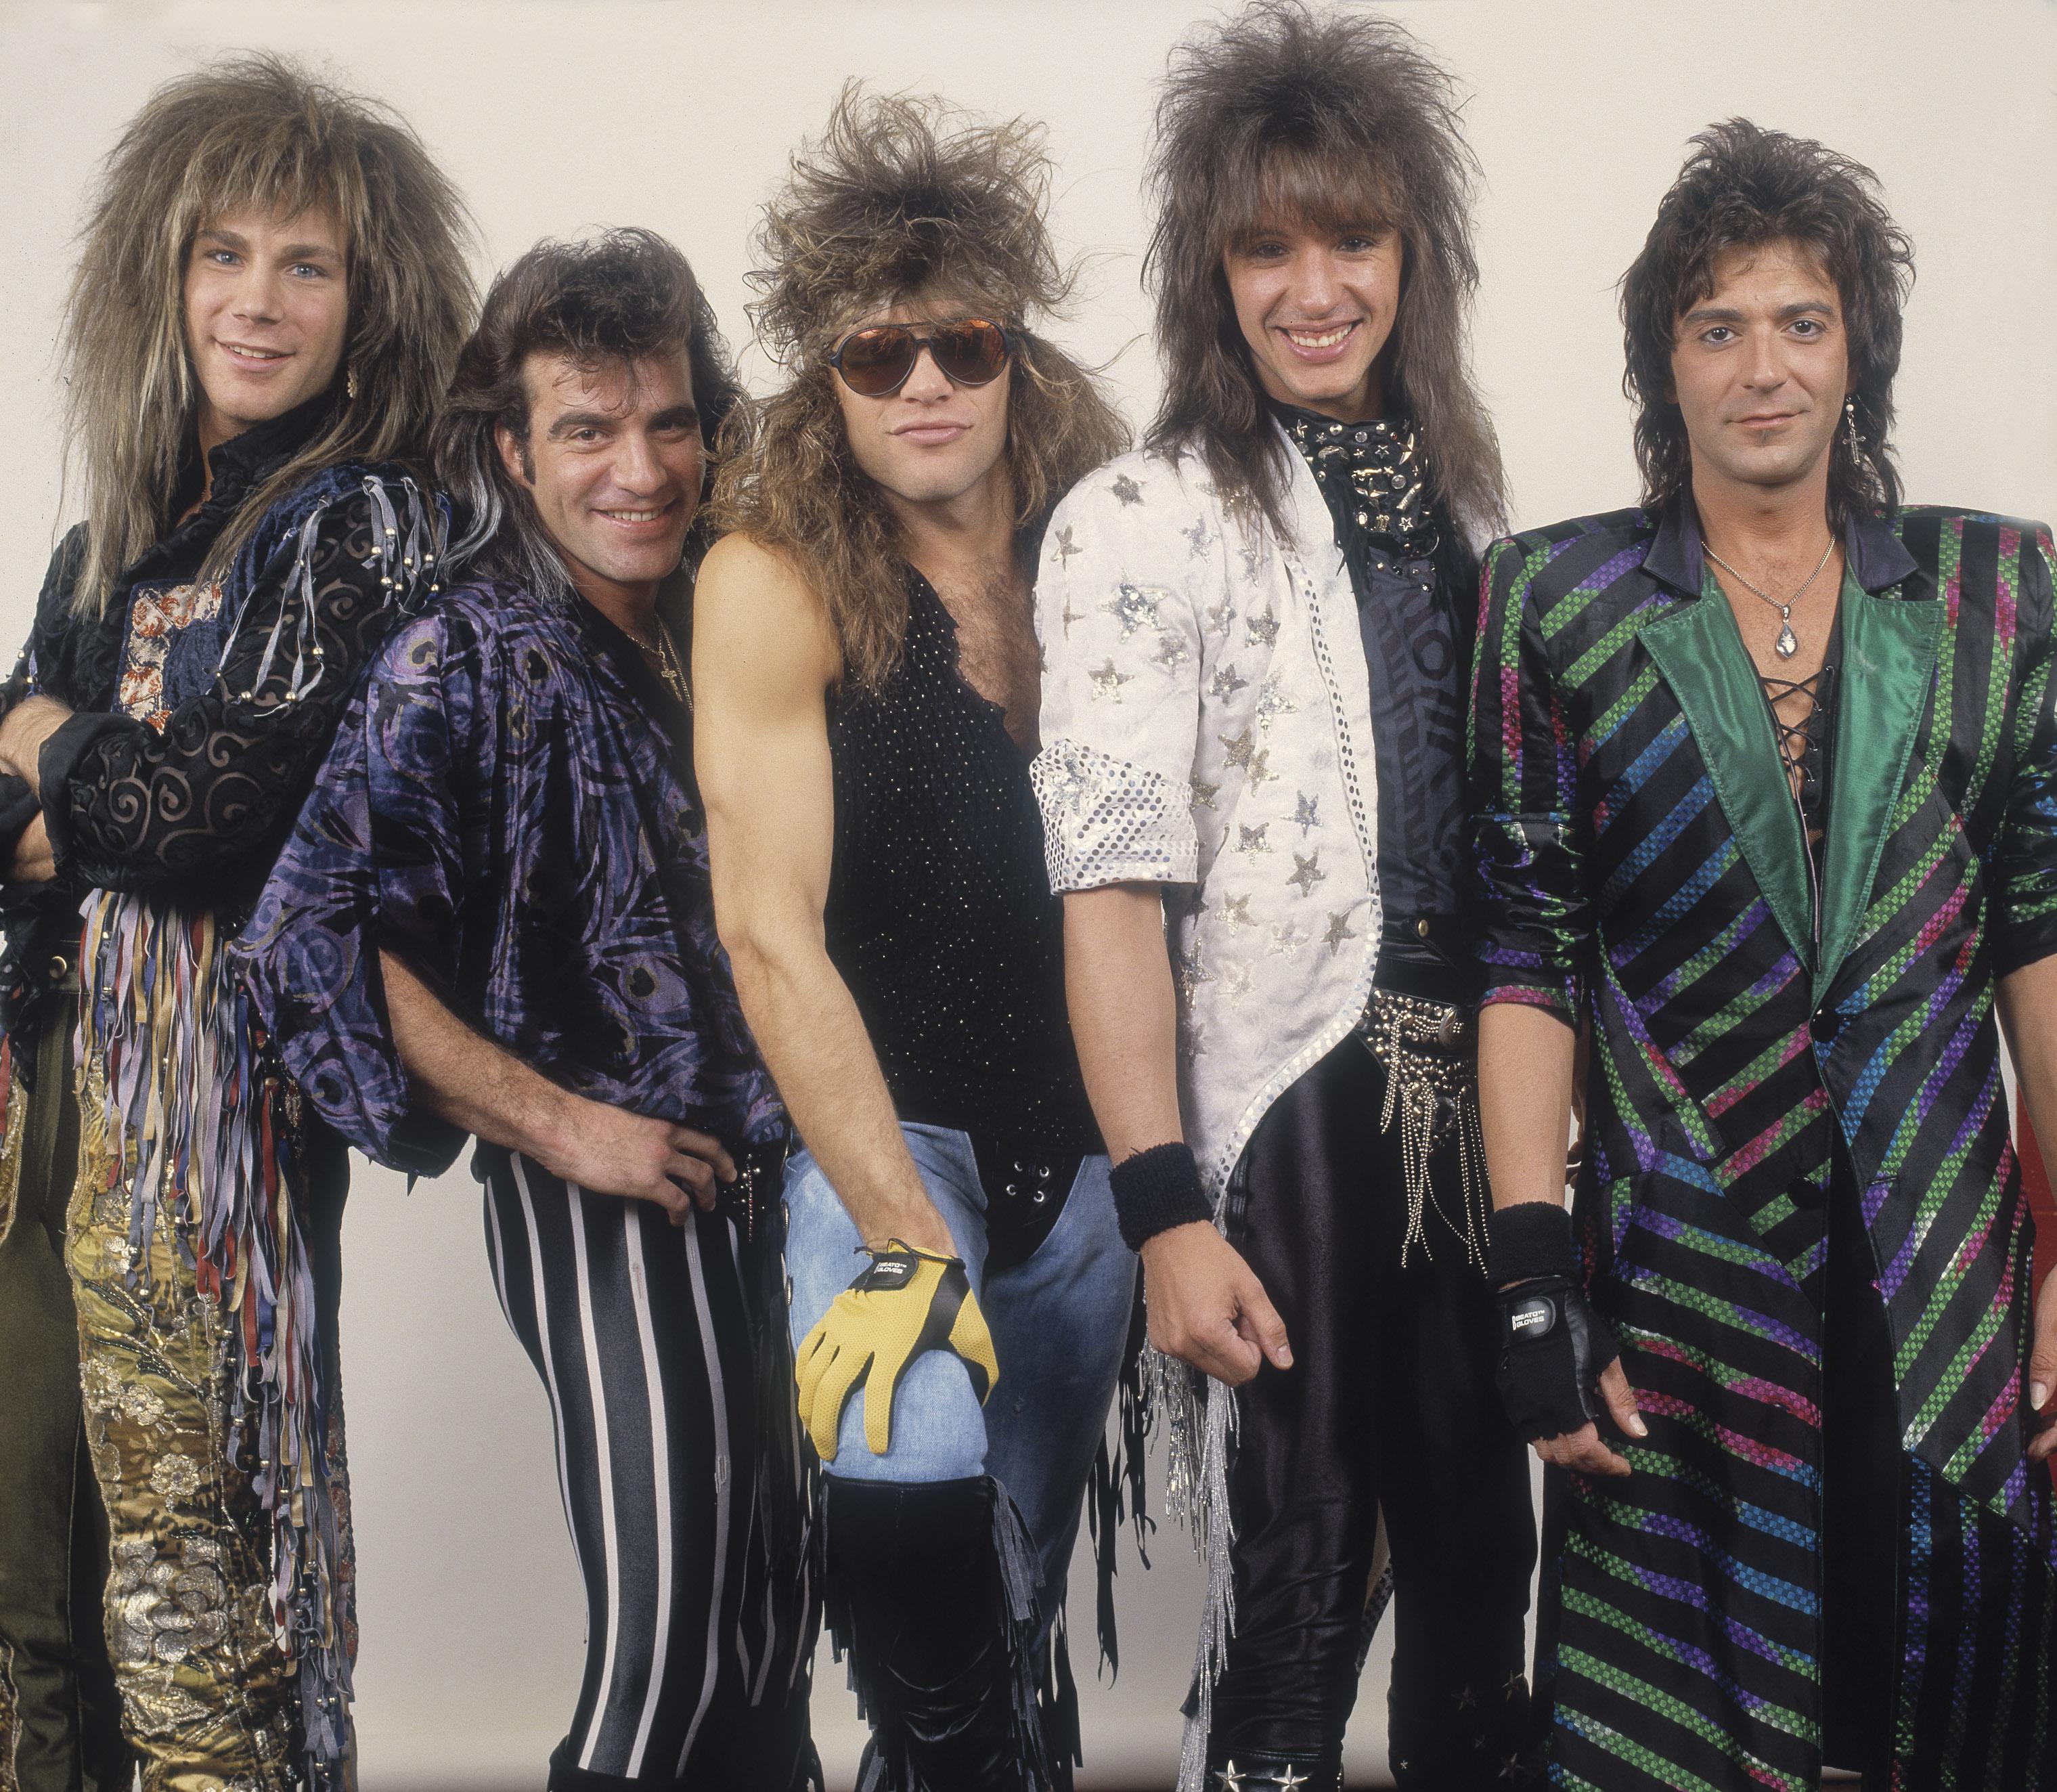 Bon Jovi: The Kids Are Alright